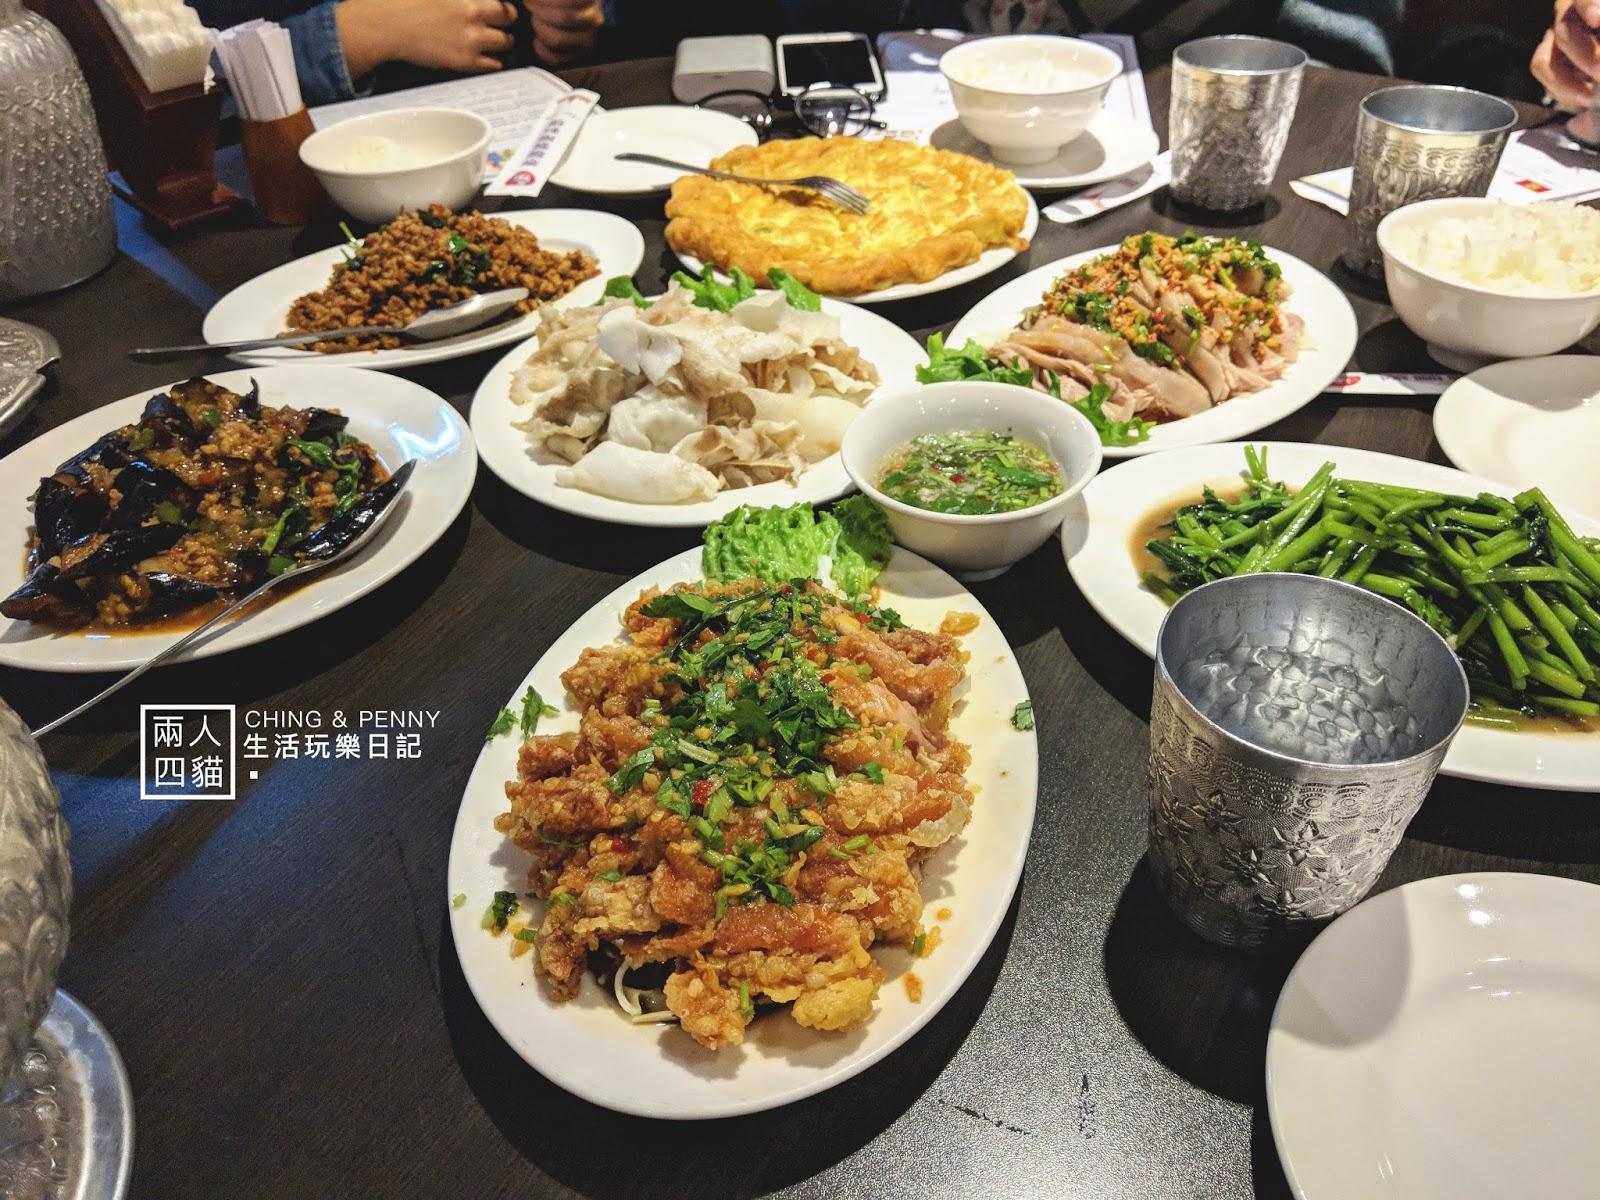 【台北 美食】多人聚餐推薦 西門平價好吃泰式雲南料理 泰皇99